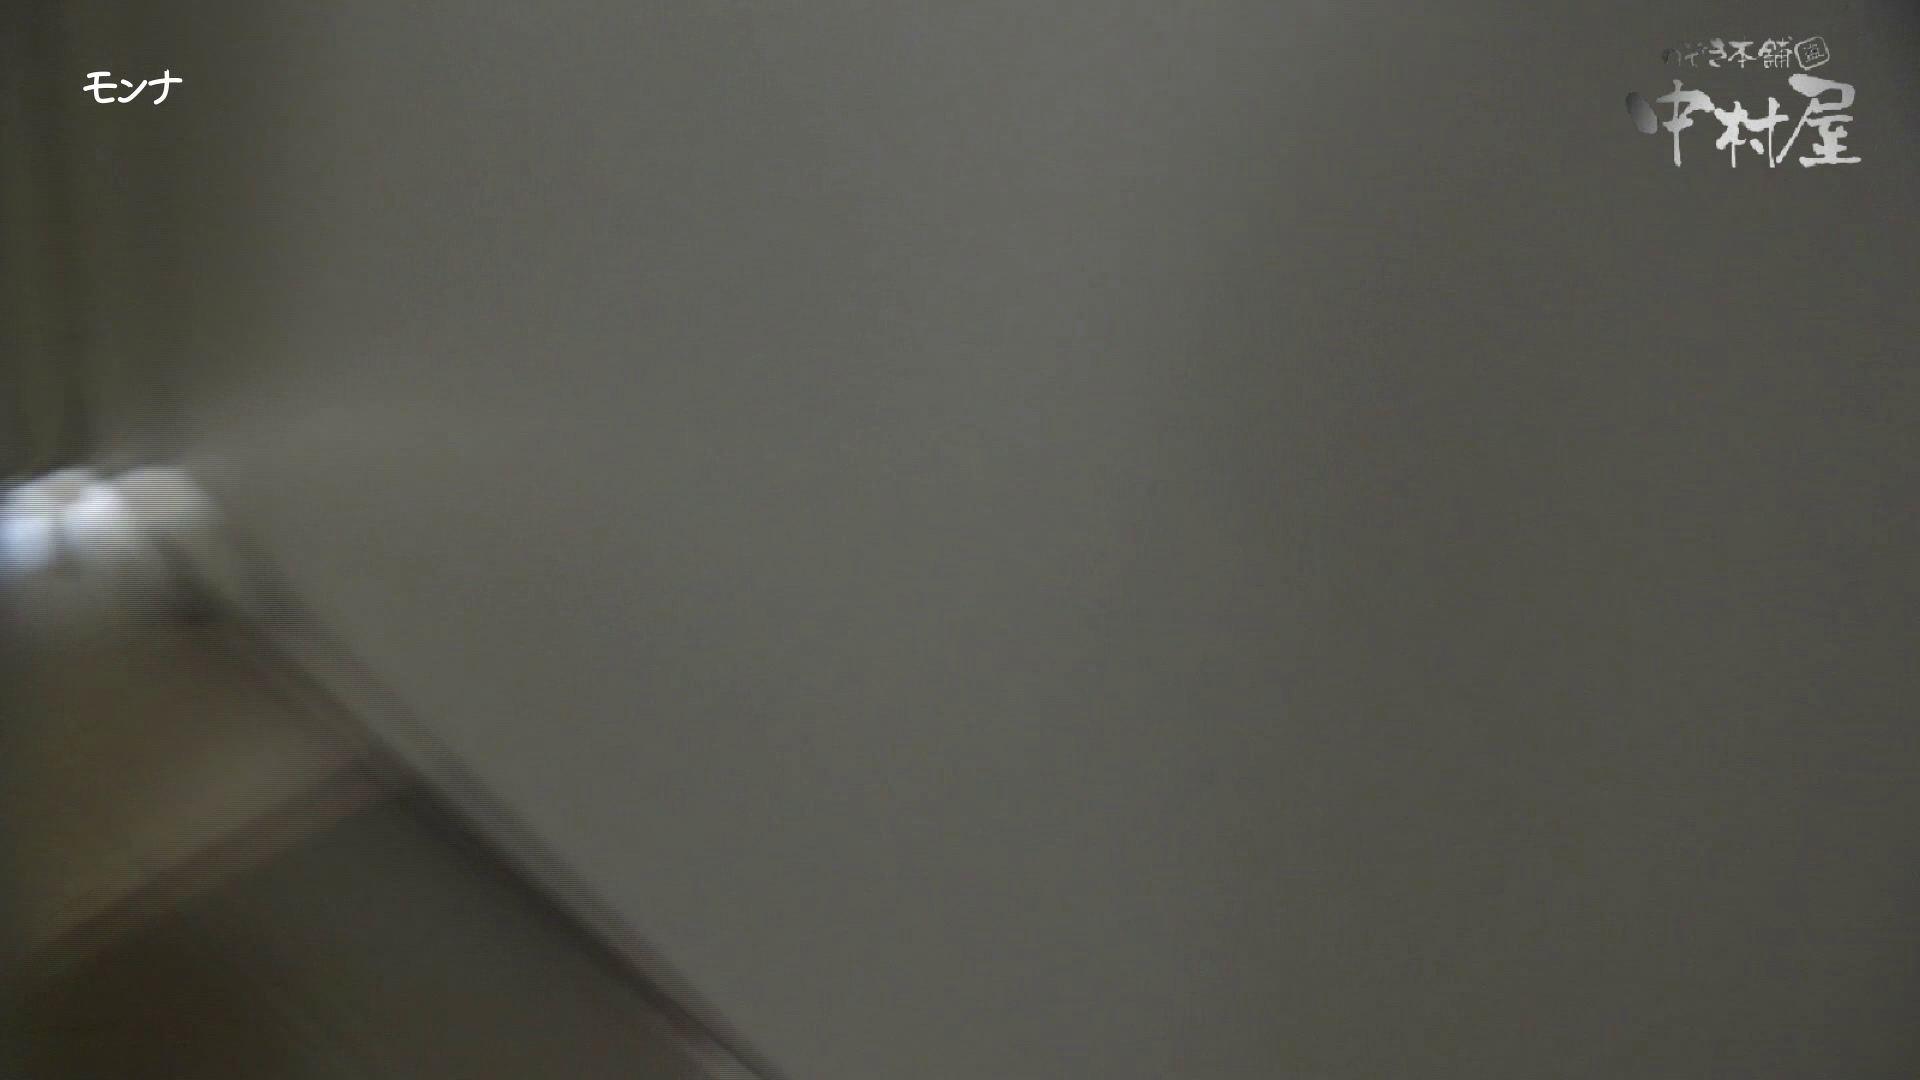 【美しい日本の未来】美しい日本の未来 No.45 覗き AV動画キャプチャ 74連発 43